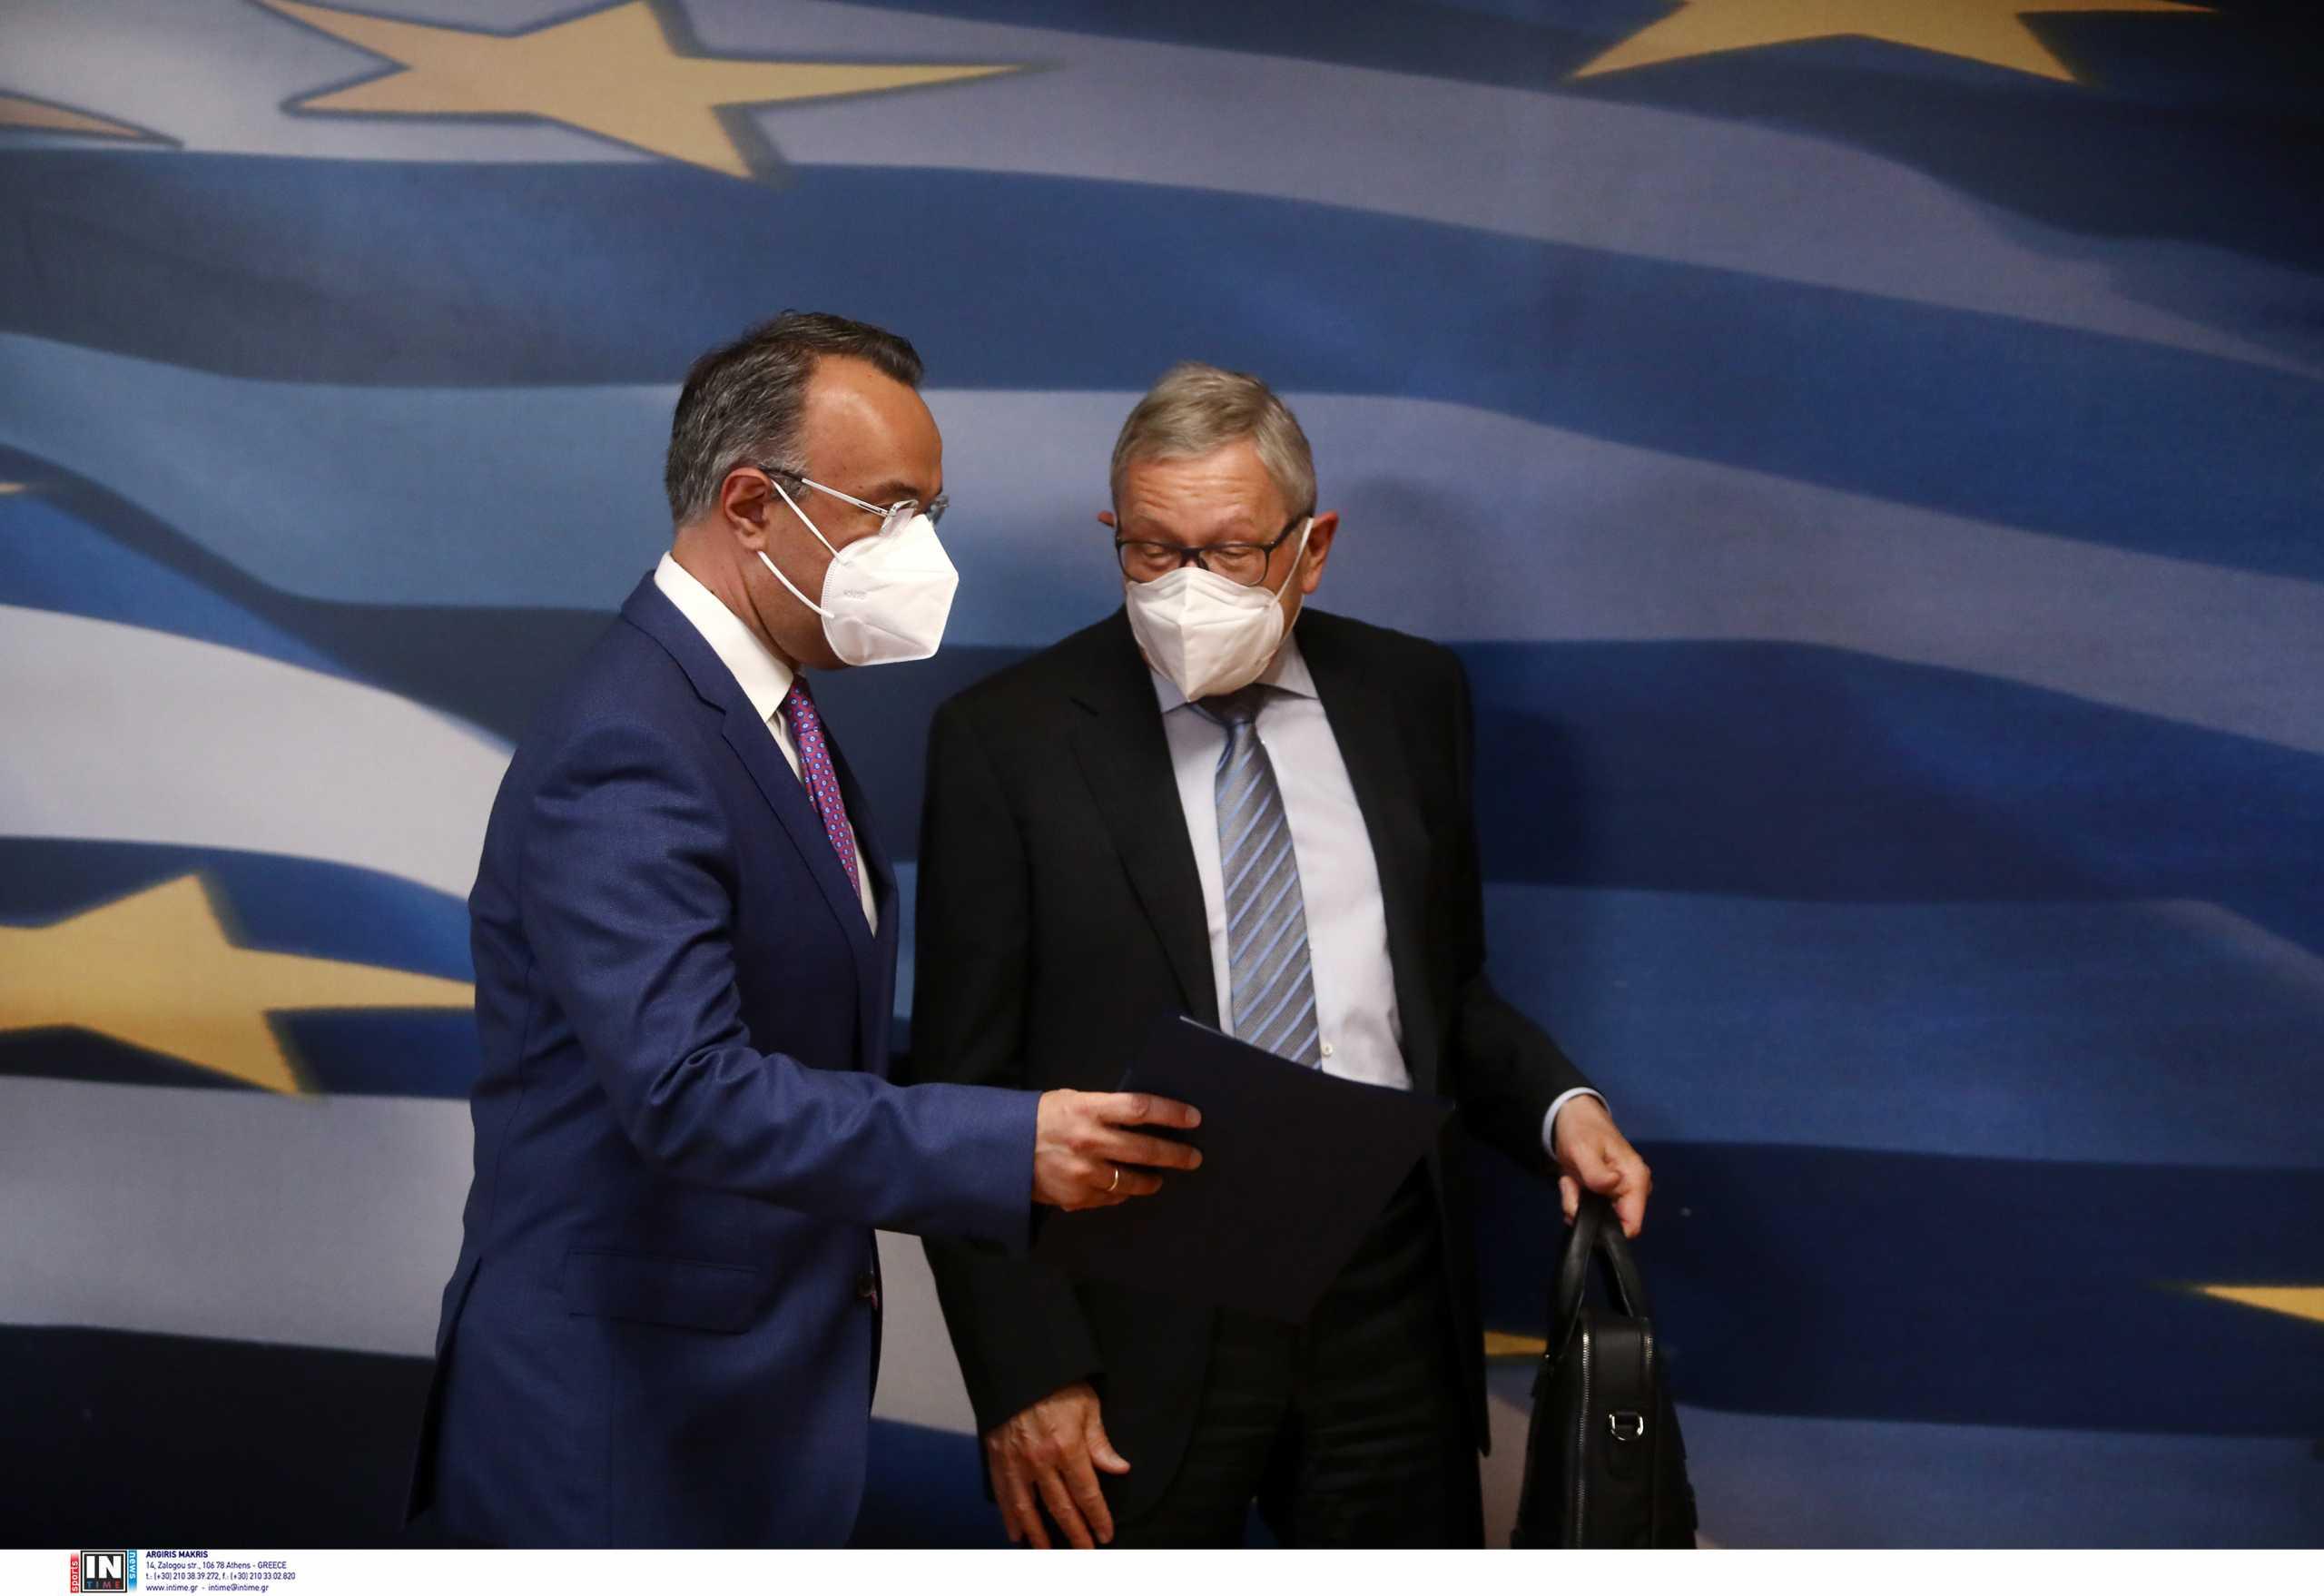 Ρέγκλινγκ: Η Ελλάδα και η Ευρώπη βγαίνουν από την κρίση